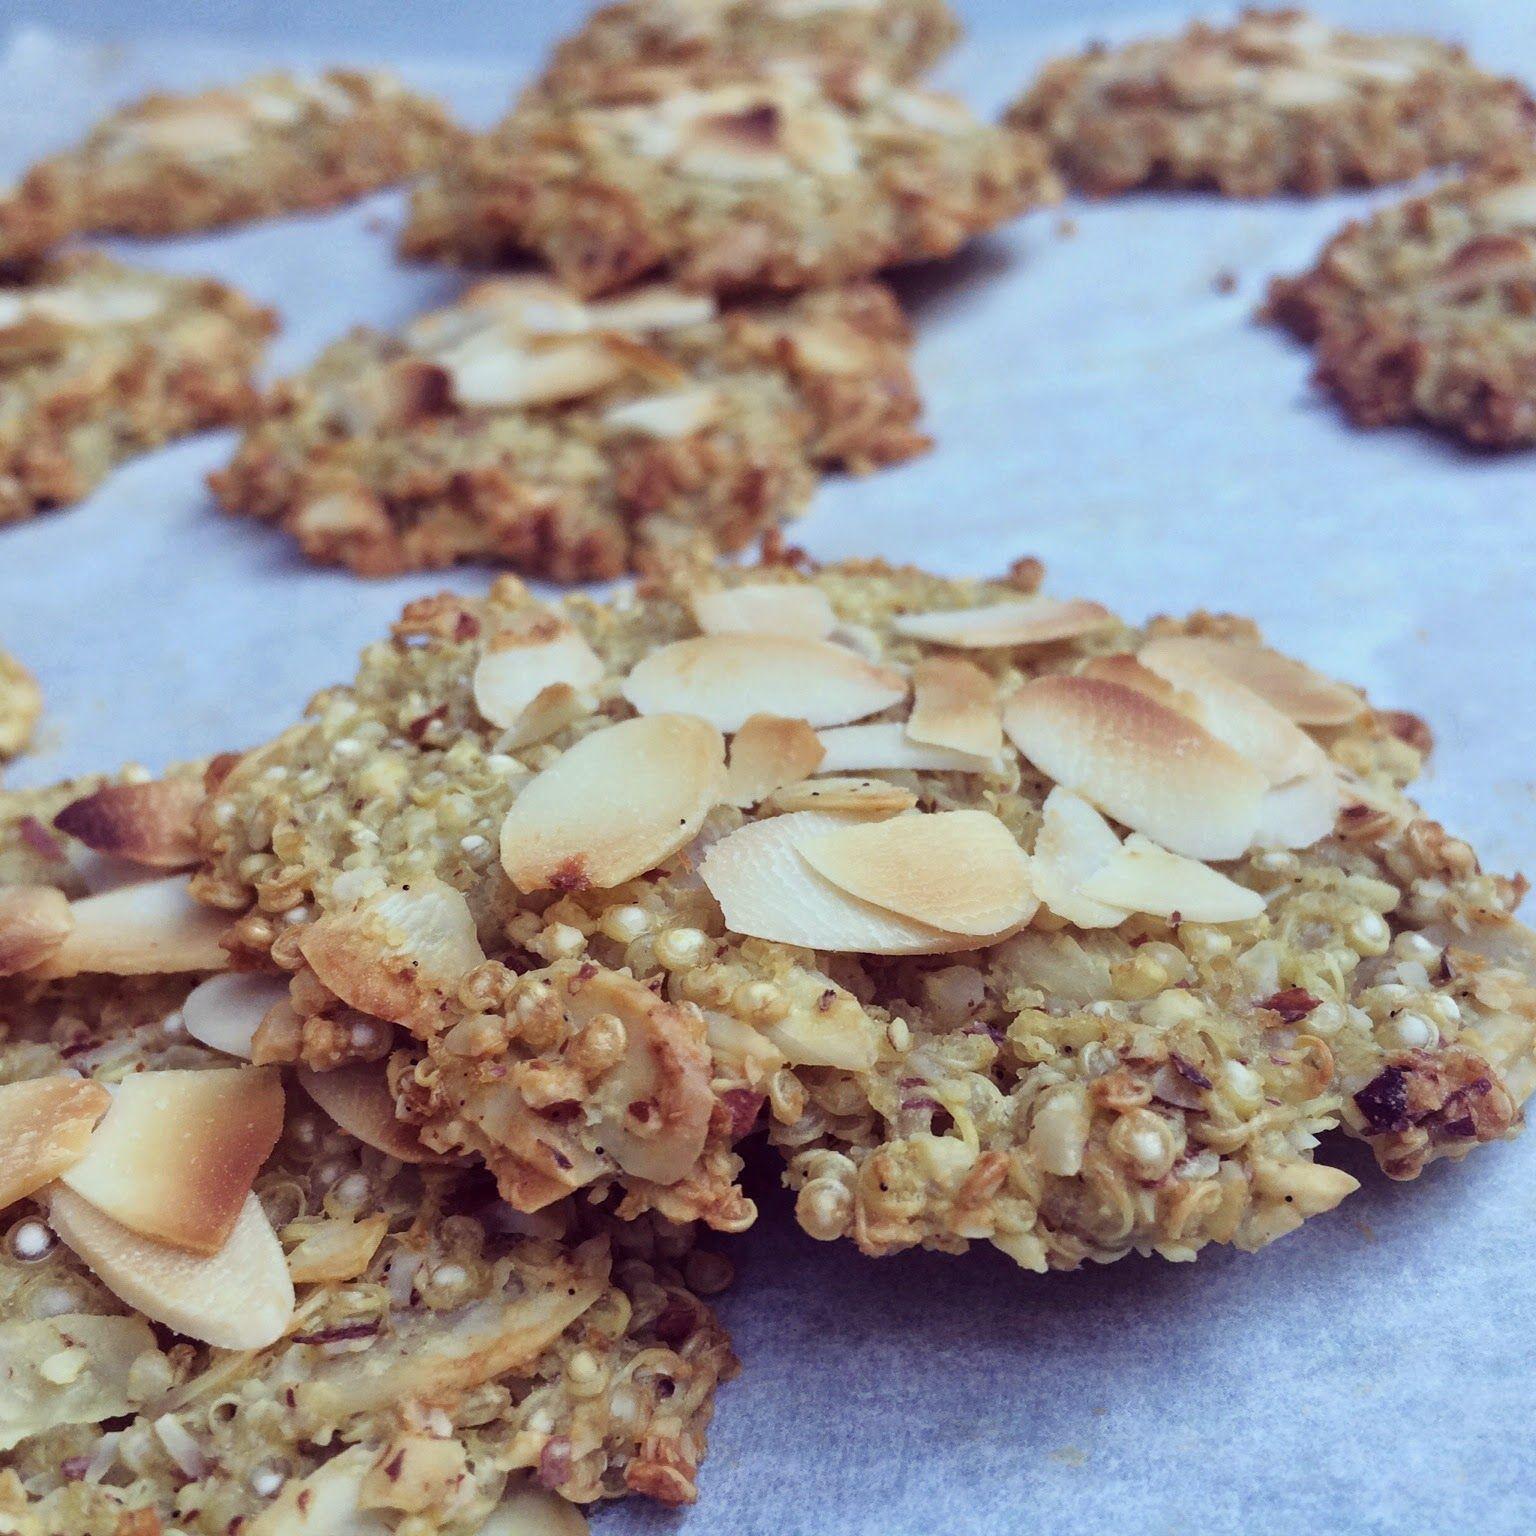 Palets de quinoa aux amandes en 2019 recette biscuit - Recettes cuisine sans gluten ...